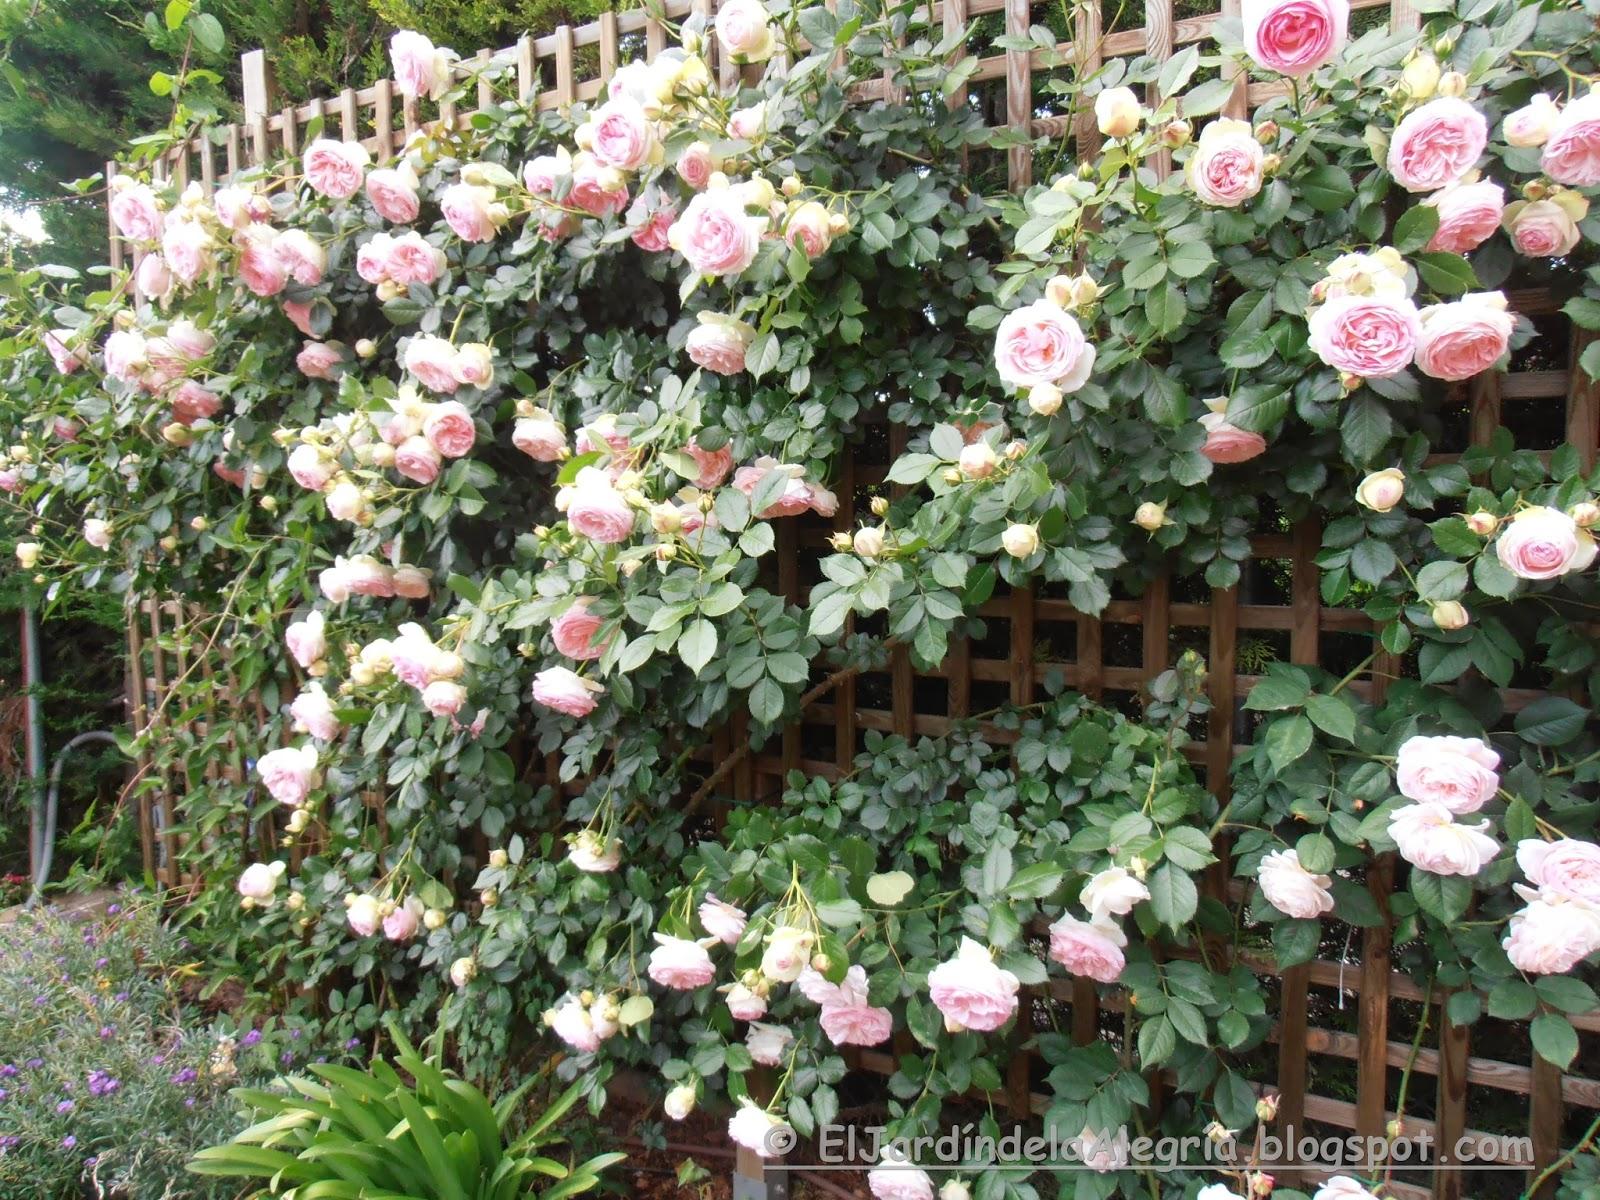 El jard n de la alegr a c mo se podan los rosales for Jardin los rosales